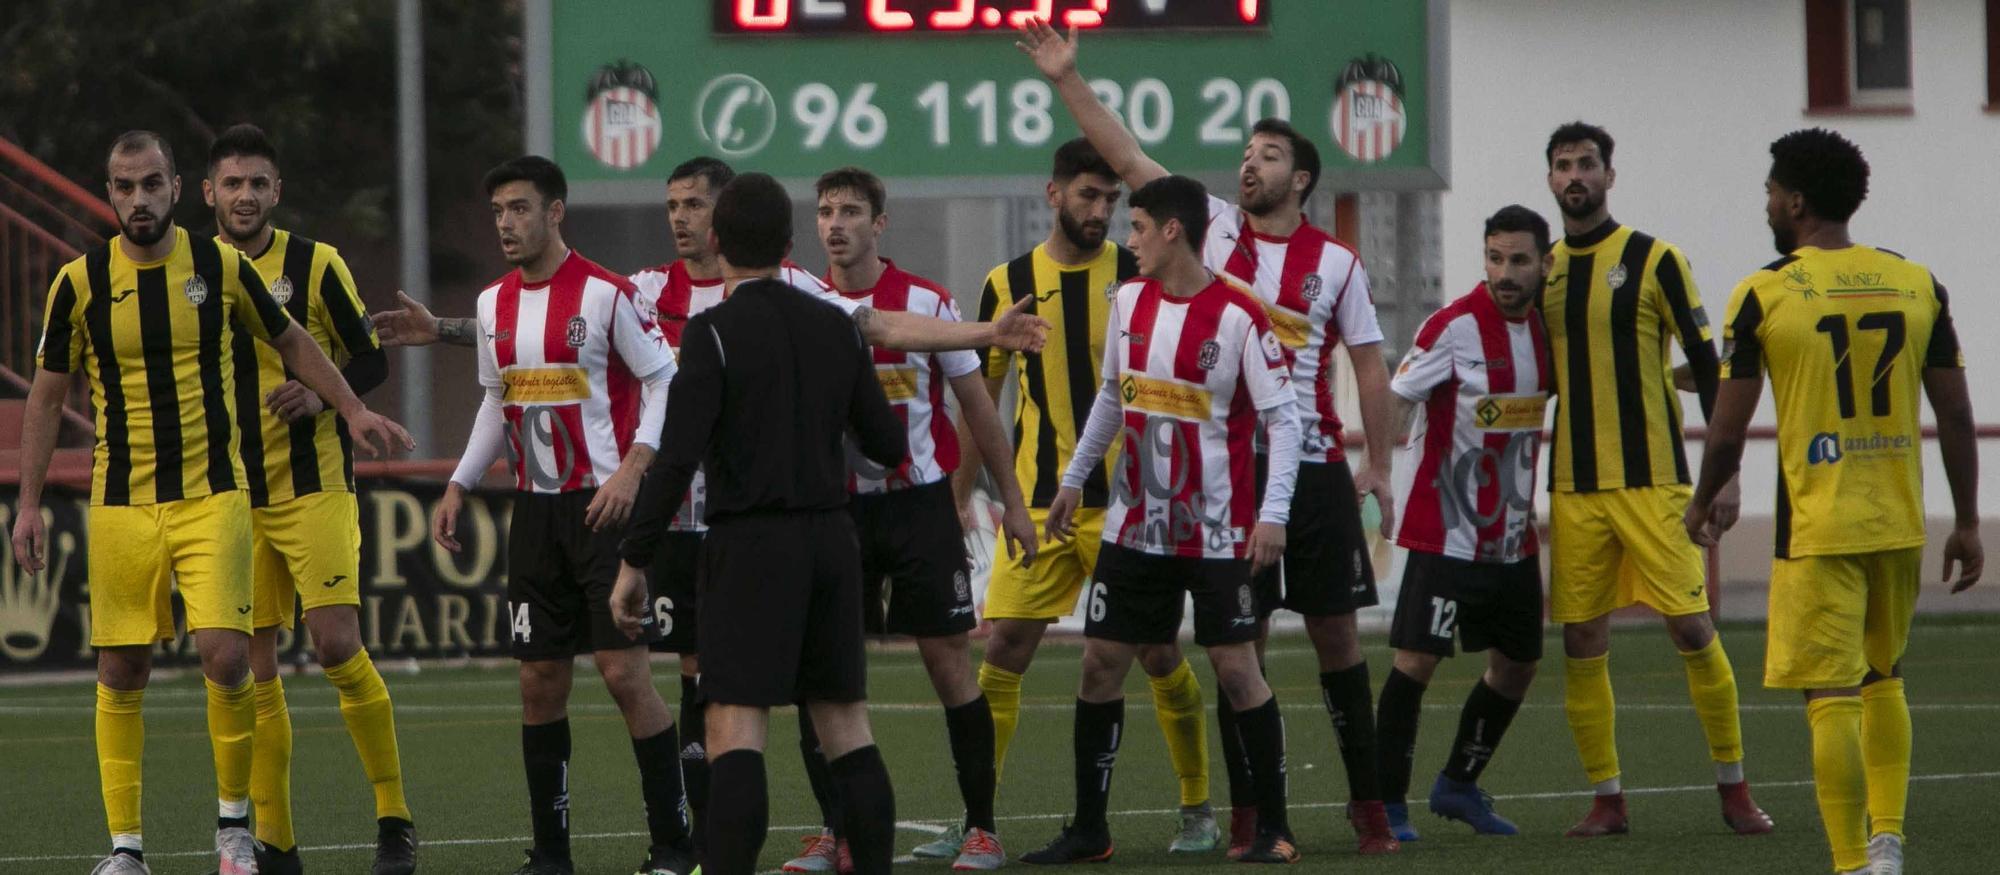 El CD Acero araña en el último minuto un punto frente al Paterna CF.